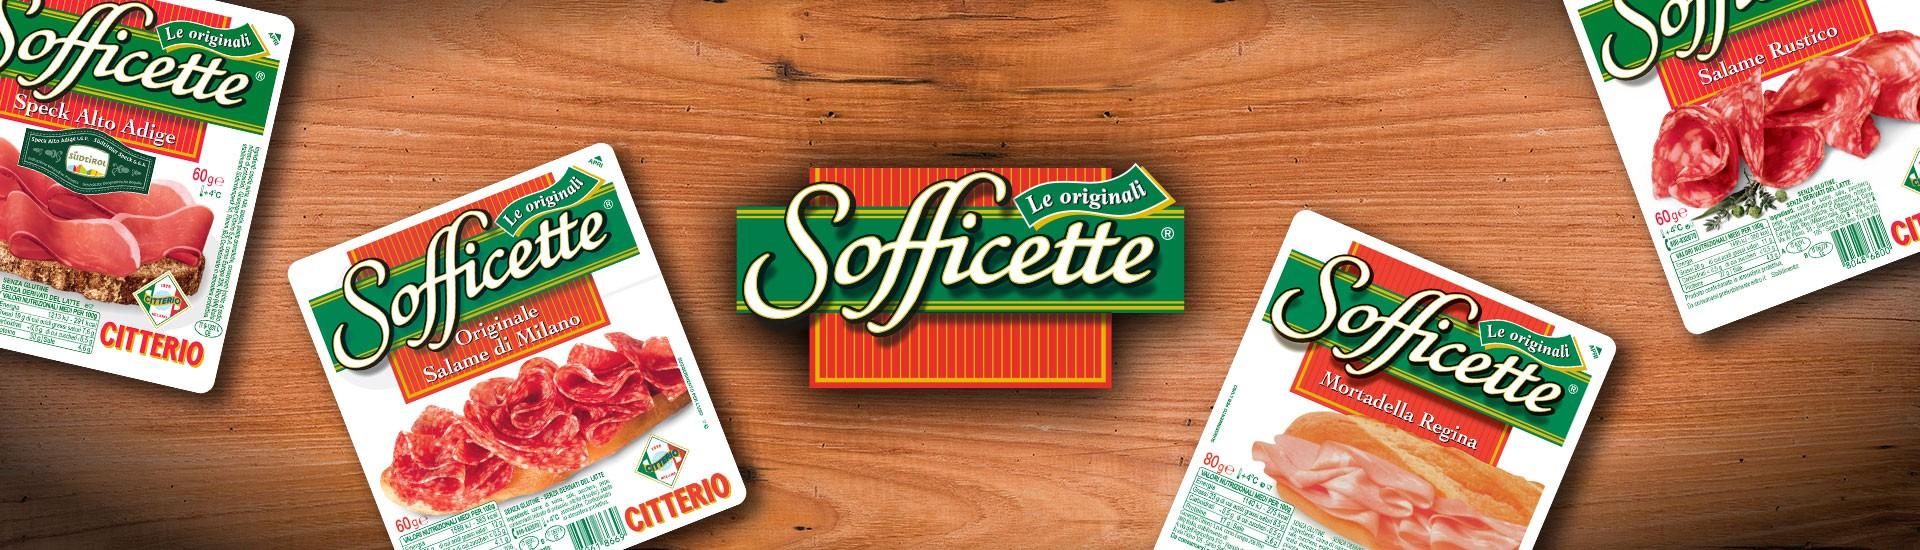 cover-sofficette1FE0bd.jpg